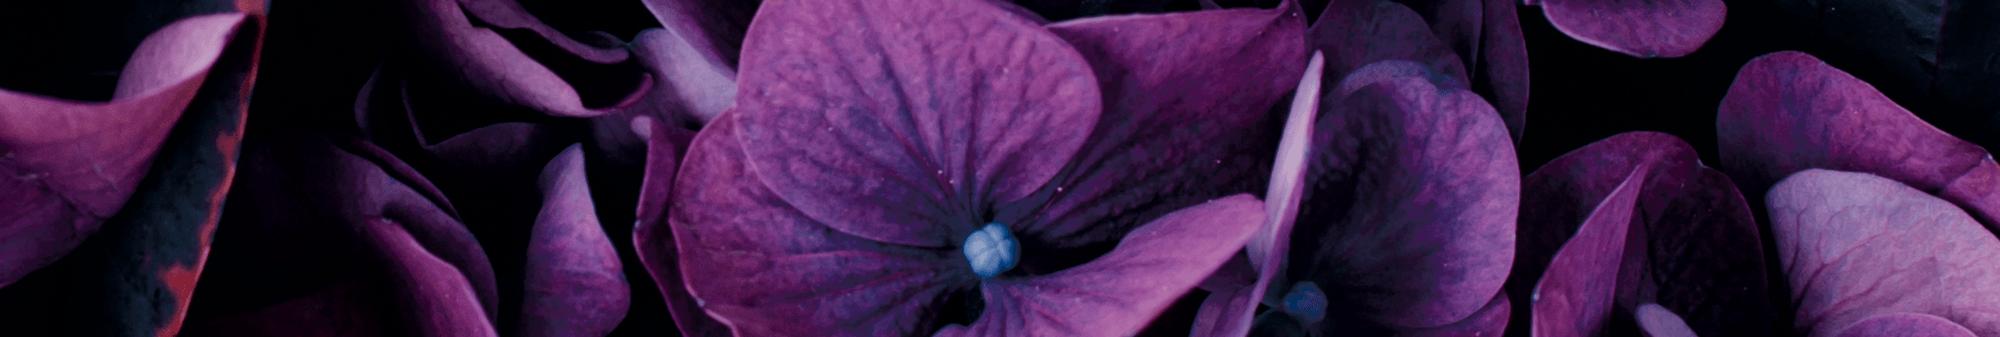 Smalt billede af lilla blomster - den smukke barsel